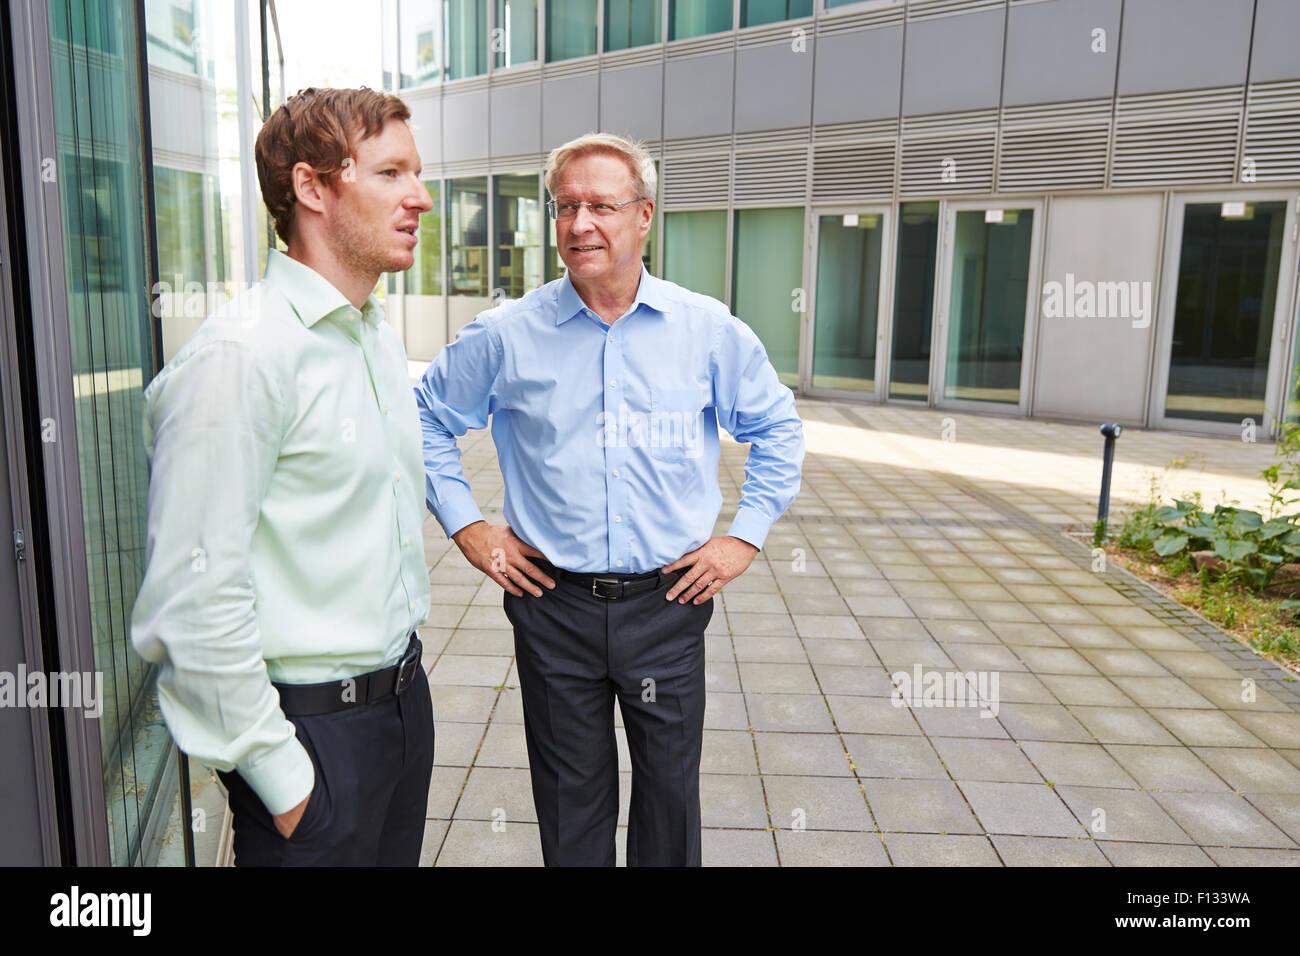 Los hombres de negocios de hablar el uno al otro durante el descanso del almuerzo fuera de la oficina Imagen De Stock